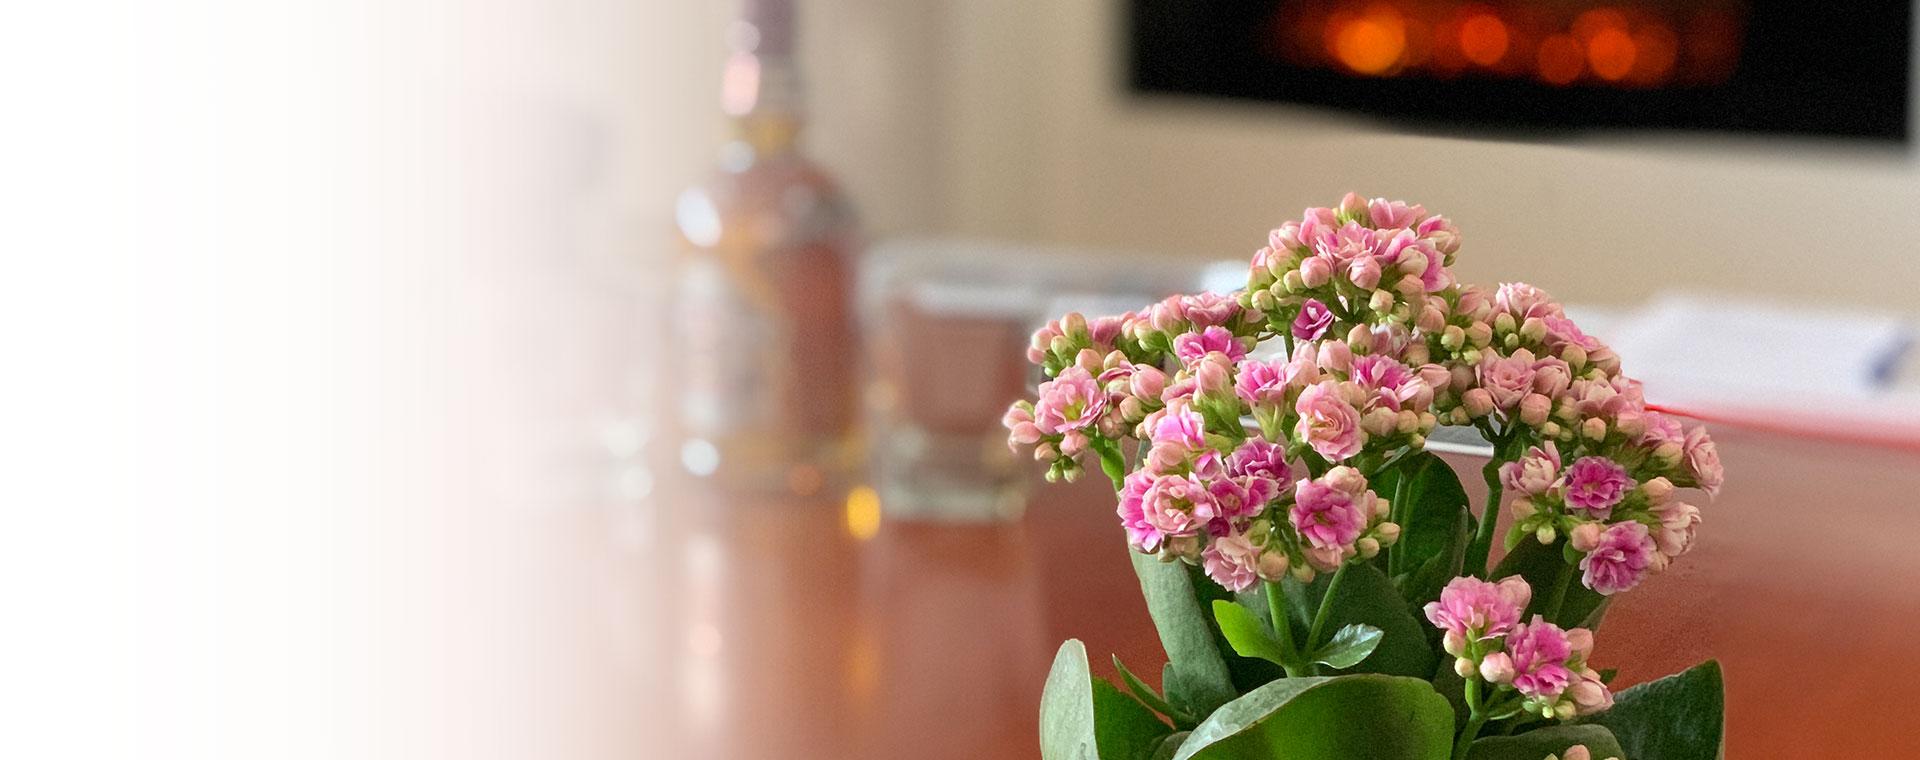 Madame Cvećara   Sve vrste sobnog cveća